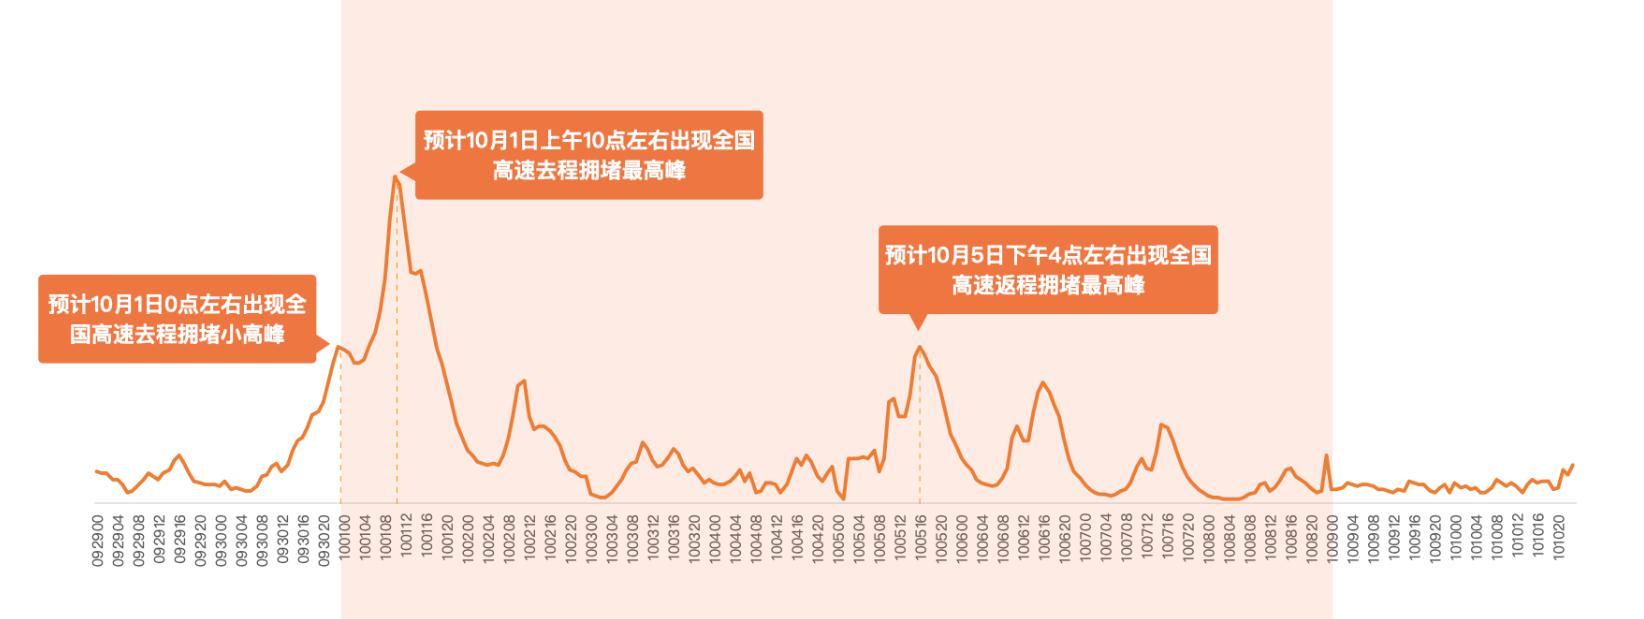 中秋国庆长假能放心出去玩吗?如何错峰出行减少拥堵